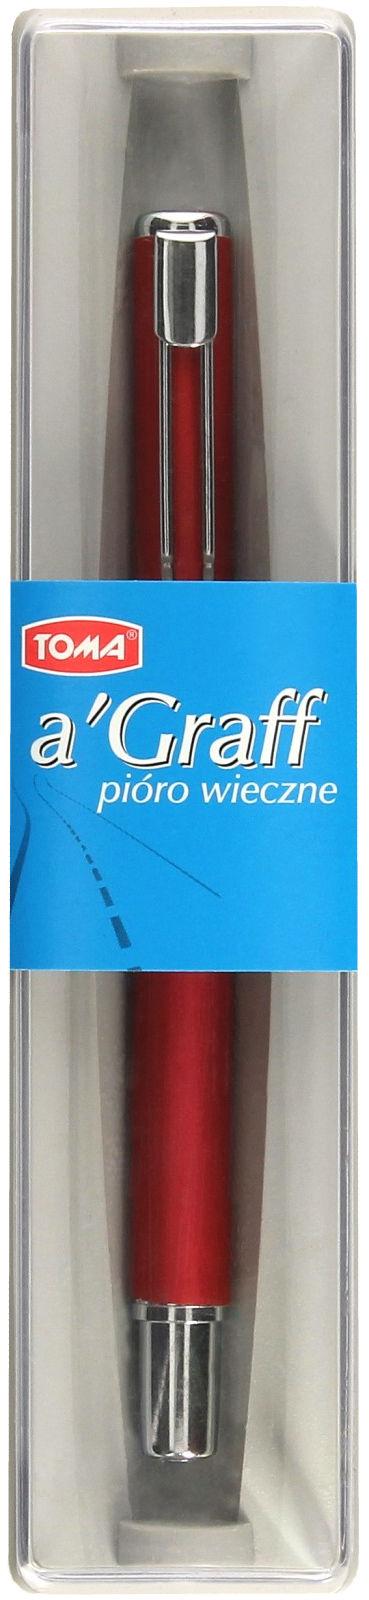 Pióro wieczne czerwone AGraff TOMA 825